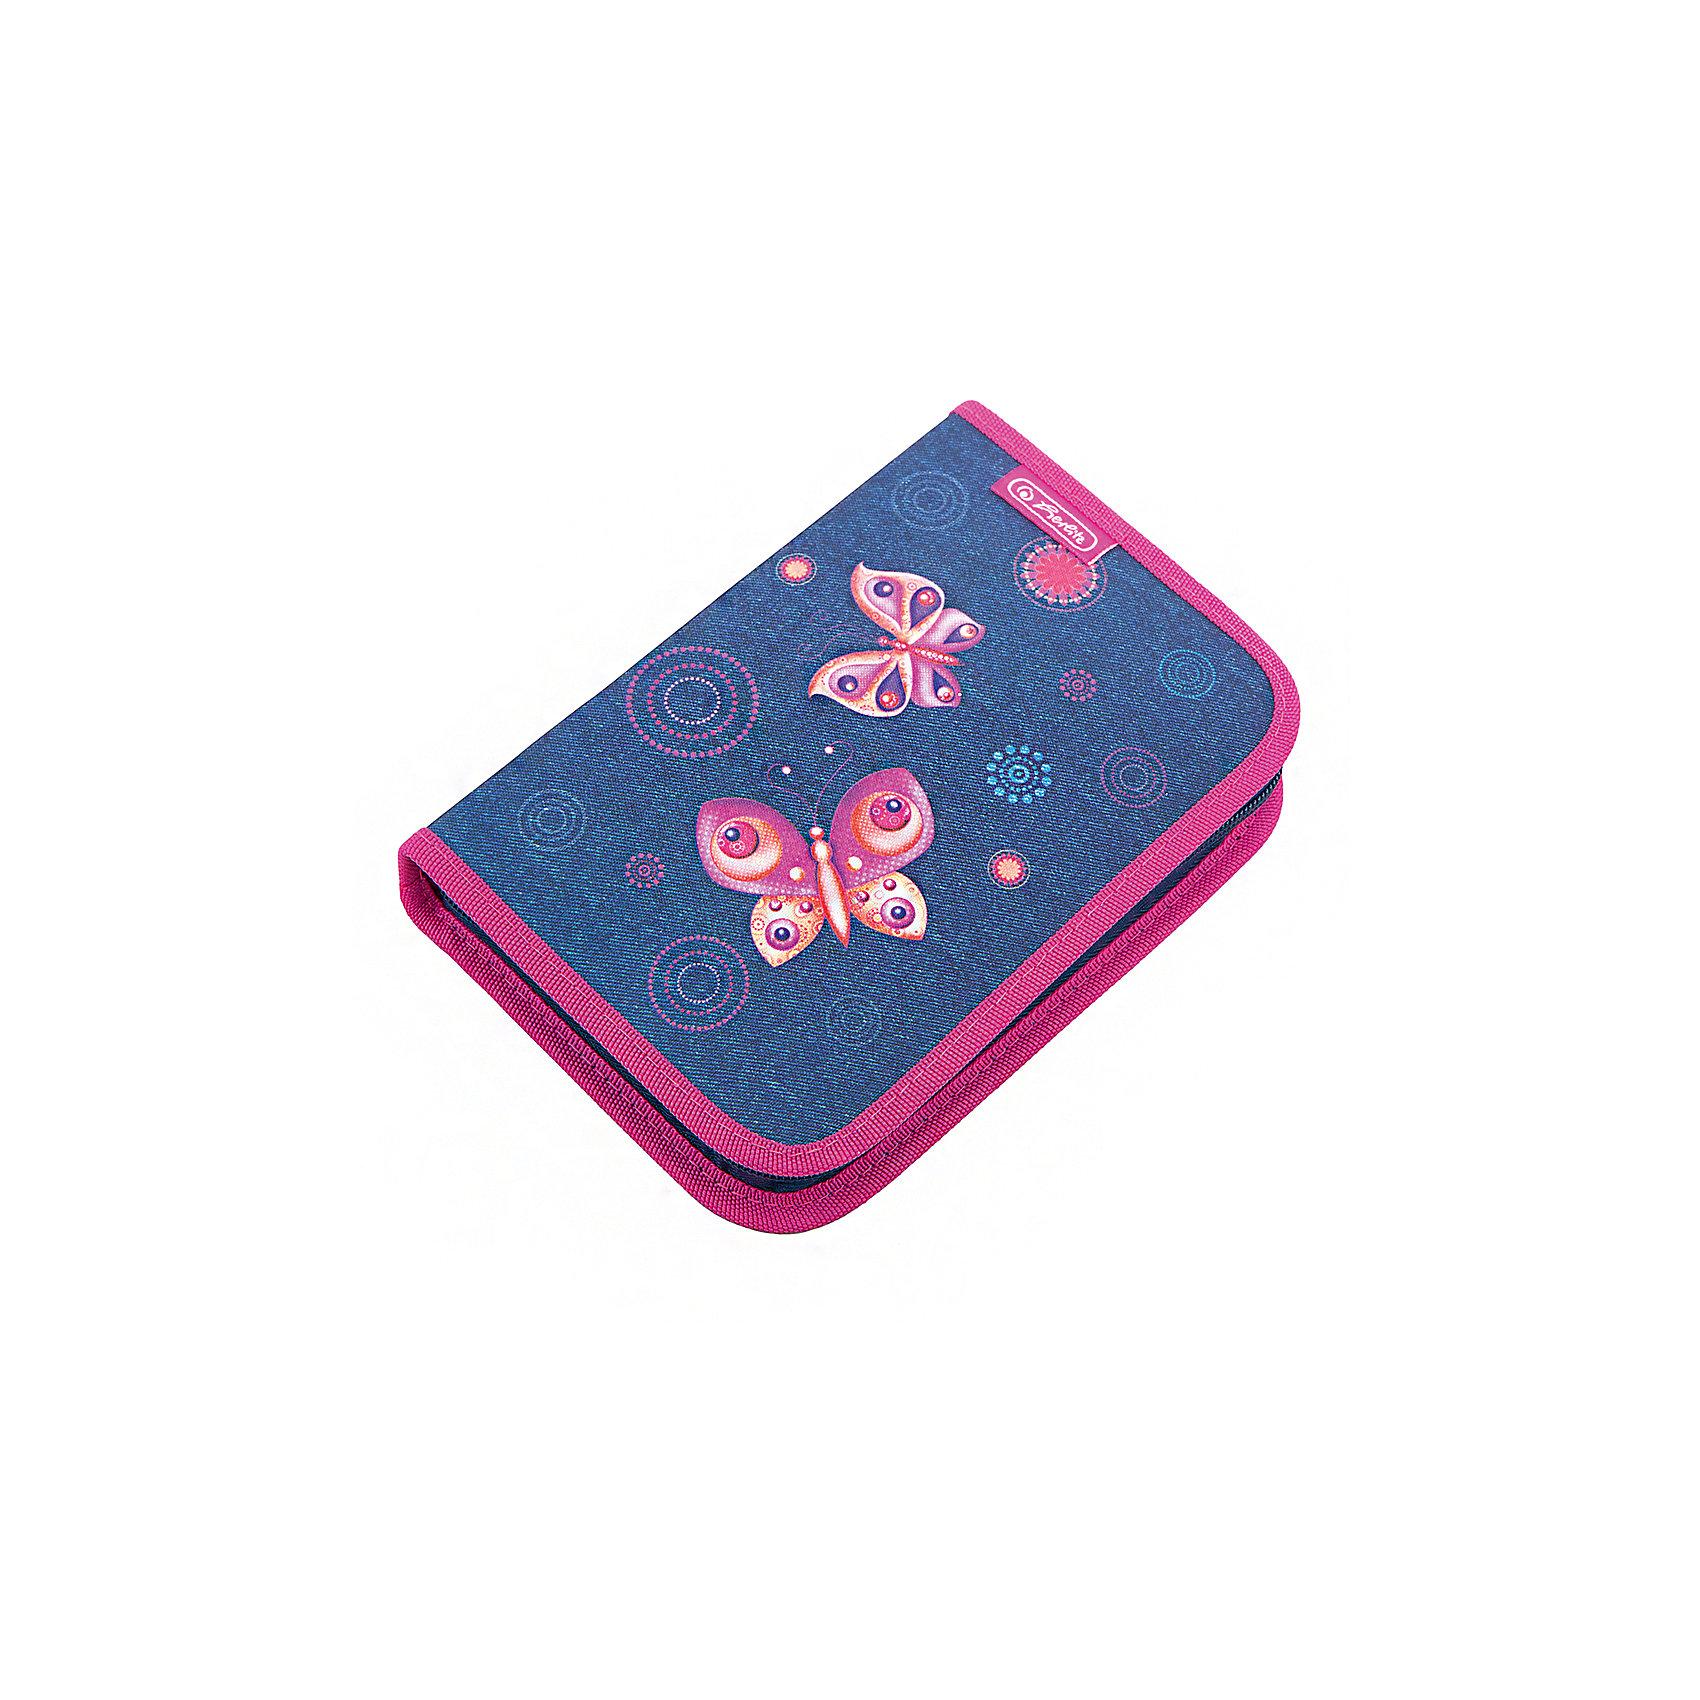 Herlitz Пенал с наполнением 31 предмет, Butterfly DreamsПеналы с наполнением<br>Пенал с наполнением  Butterfly Dreams<br>31 предмет<br>Описание:<br>- 20,5х14х3,5<br>- 1 отделение, 2 откидные створки<br>- прочный кант, жесткая обложка<br>Наполнение:<br>- 1 шариковая ручка,<br>- 2 чернографитных карандаша,<br>- 8 цветных карандашей, 14 фломастеров<br>- линейка и угольник, ластик и точилка,<br>- расписание уроков на русском языке,<br>- личные данные ученика<br><br>Ширина мм: 140<br>Глубина мм: 205<br>Высота мм: 35<br>Вес г: 326<br>Возраст от месяцев: 72<br>Возраст до месяцев: 120<br>Пол: Женский<br>Возраст: Детский<br>SKU: 5595074